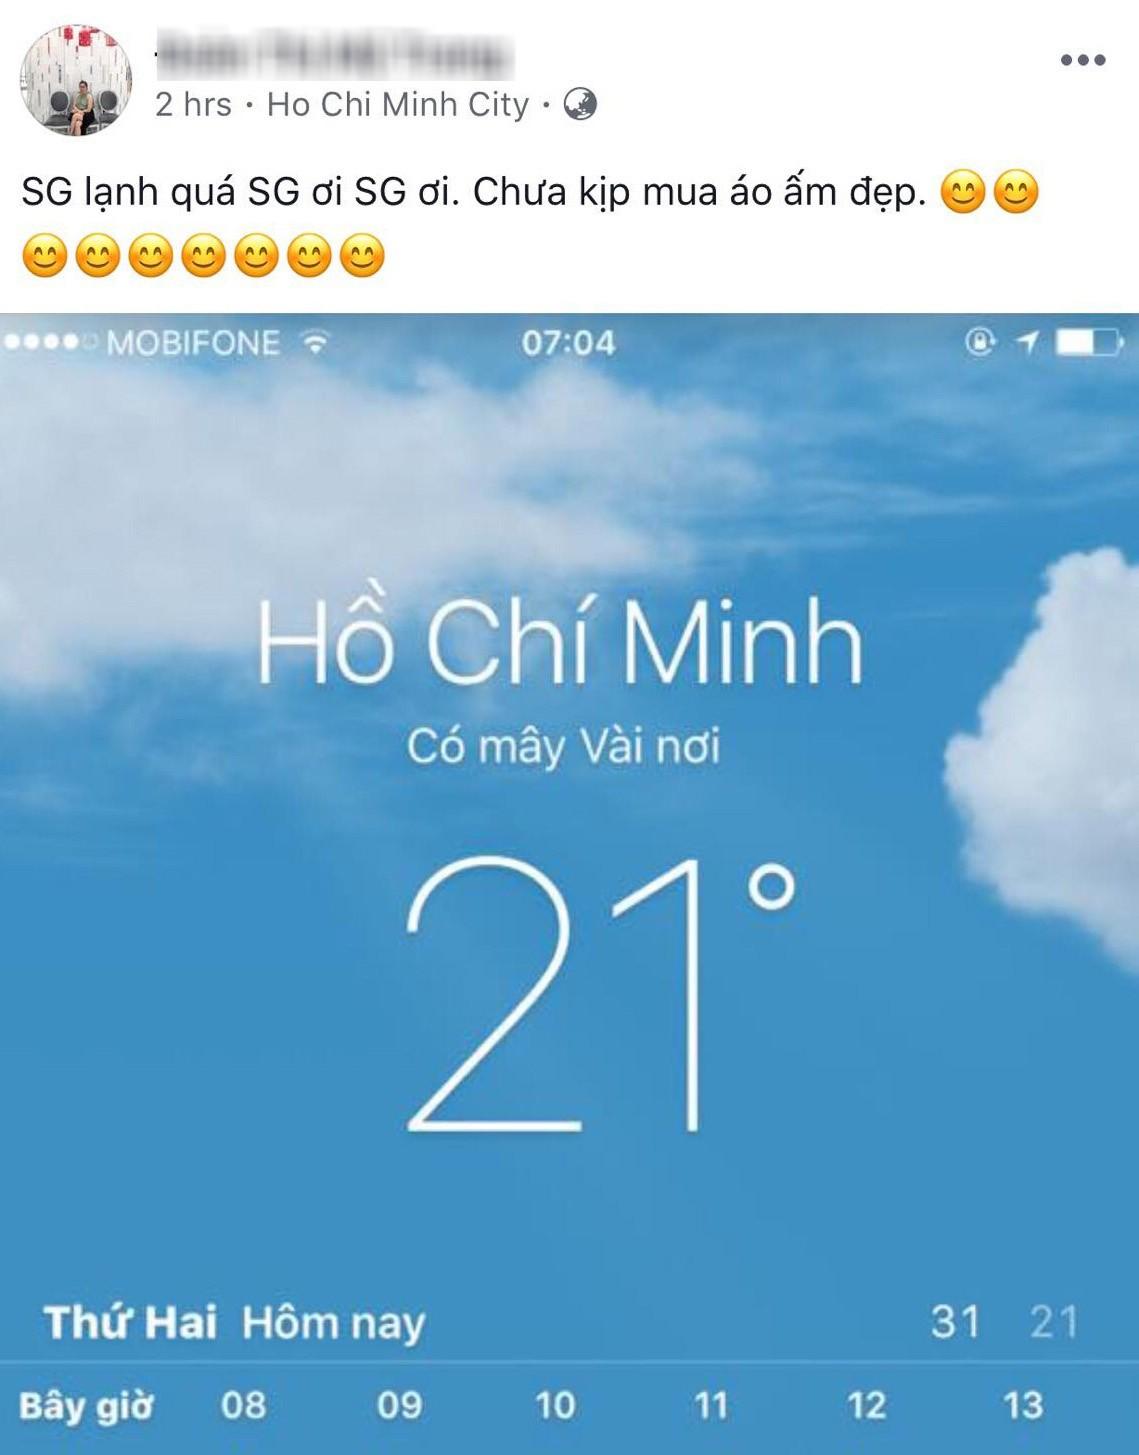 Sáng ngày ra, Facebook rồi Instagram tràn ngập status khoe Sài Gòn trở lạnh! - Ảnh 5.